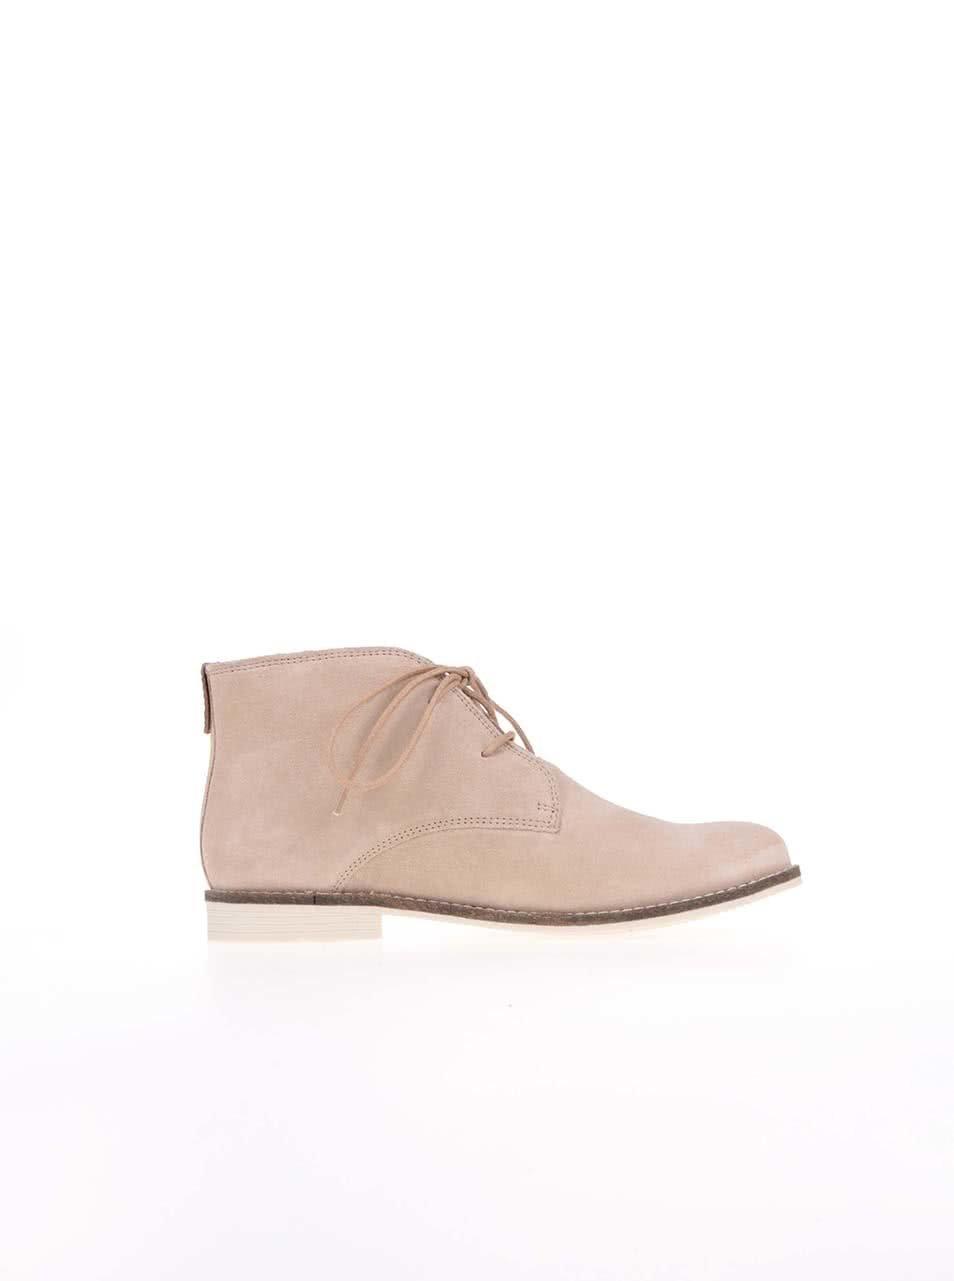 4053cf9d30 Krémové dámské kožené kotníkové boty s.Oliver ...